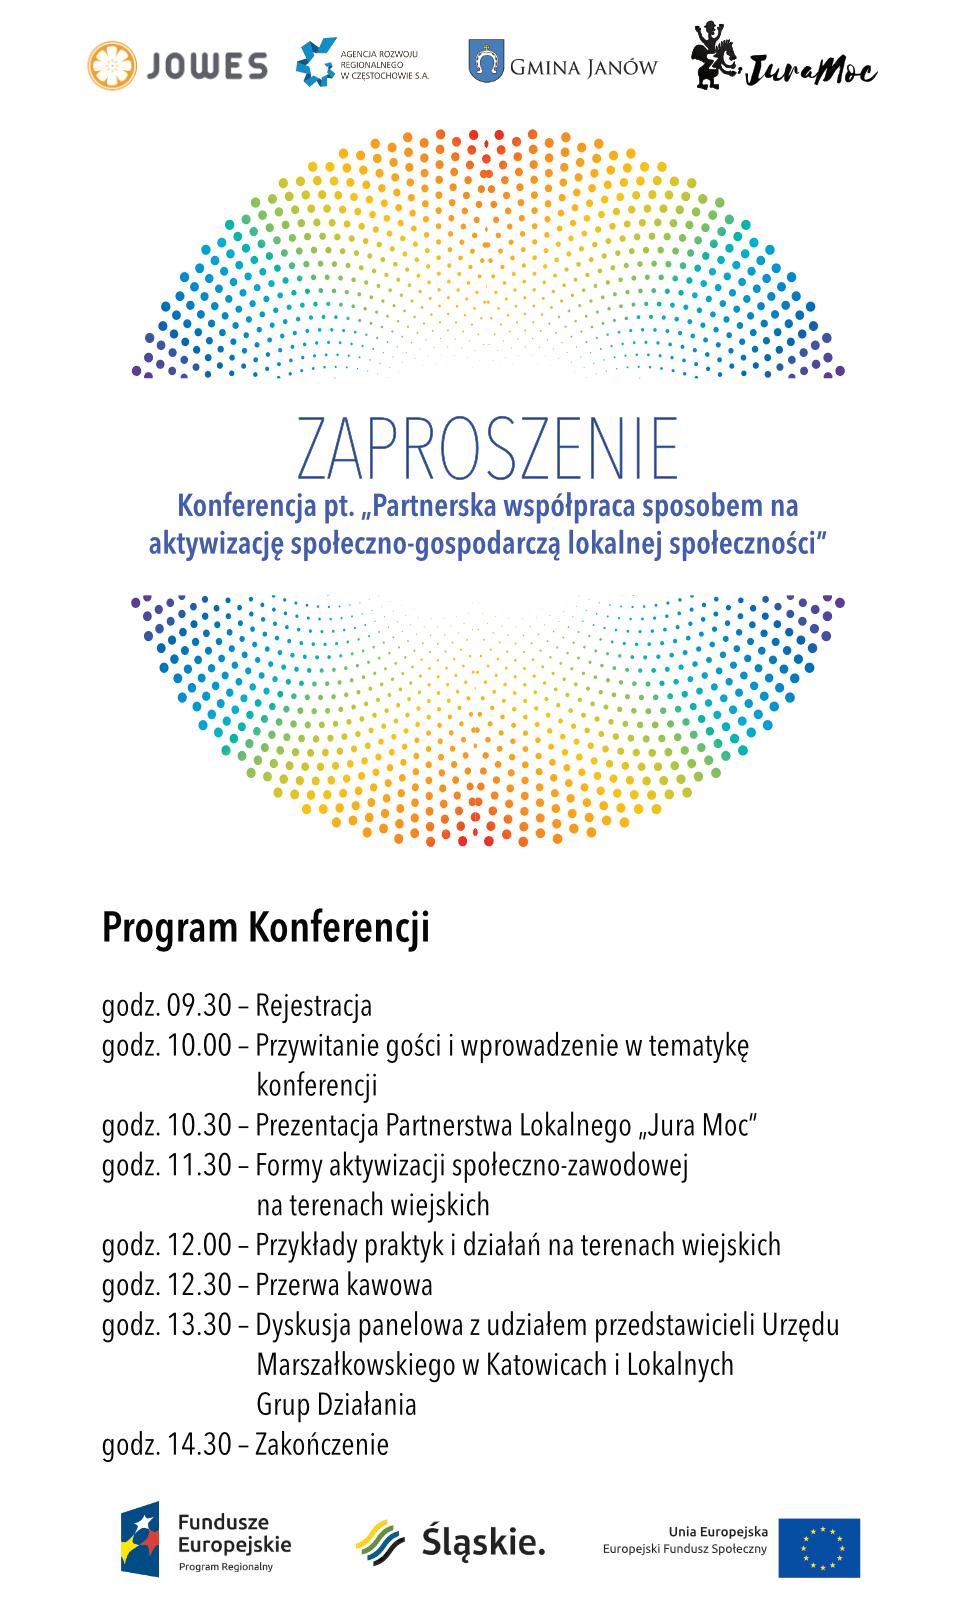 Zaproszenie Na Konferencję Jowes Jurajski Ośrodek Wsparcia